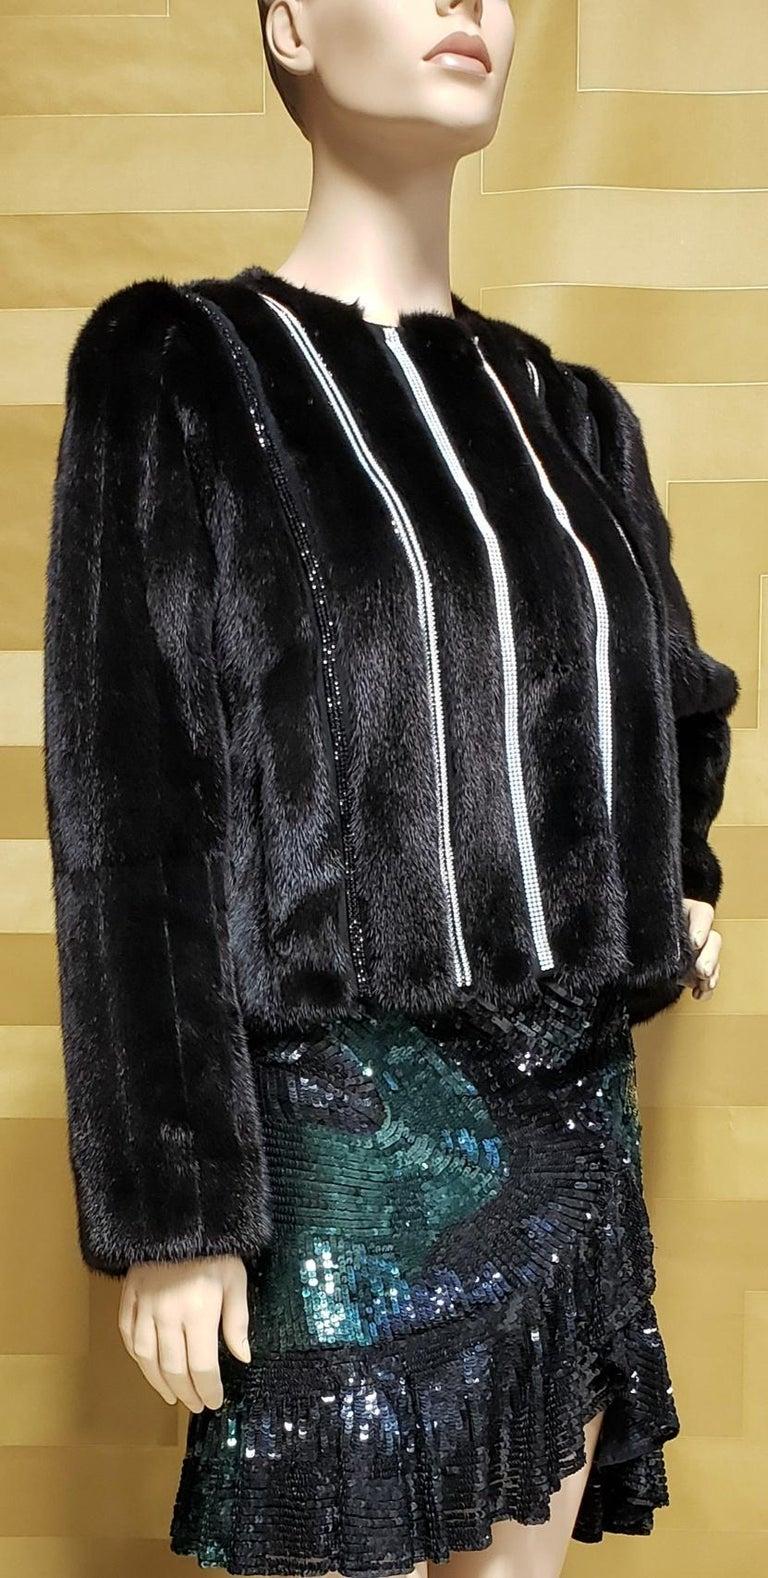 New Versace Crystal Embellished Black Mink Fur Jacket 44 - 8 For Sale 4